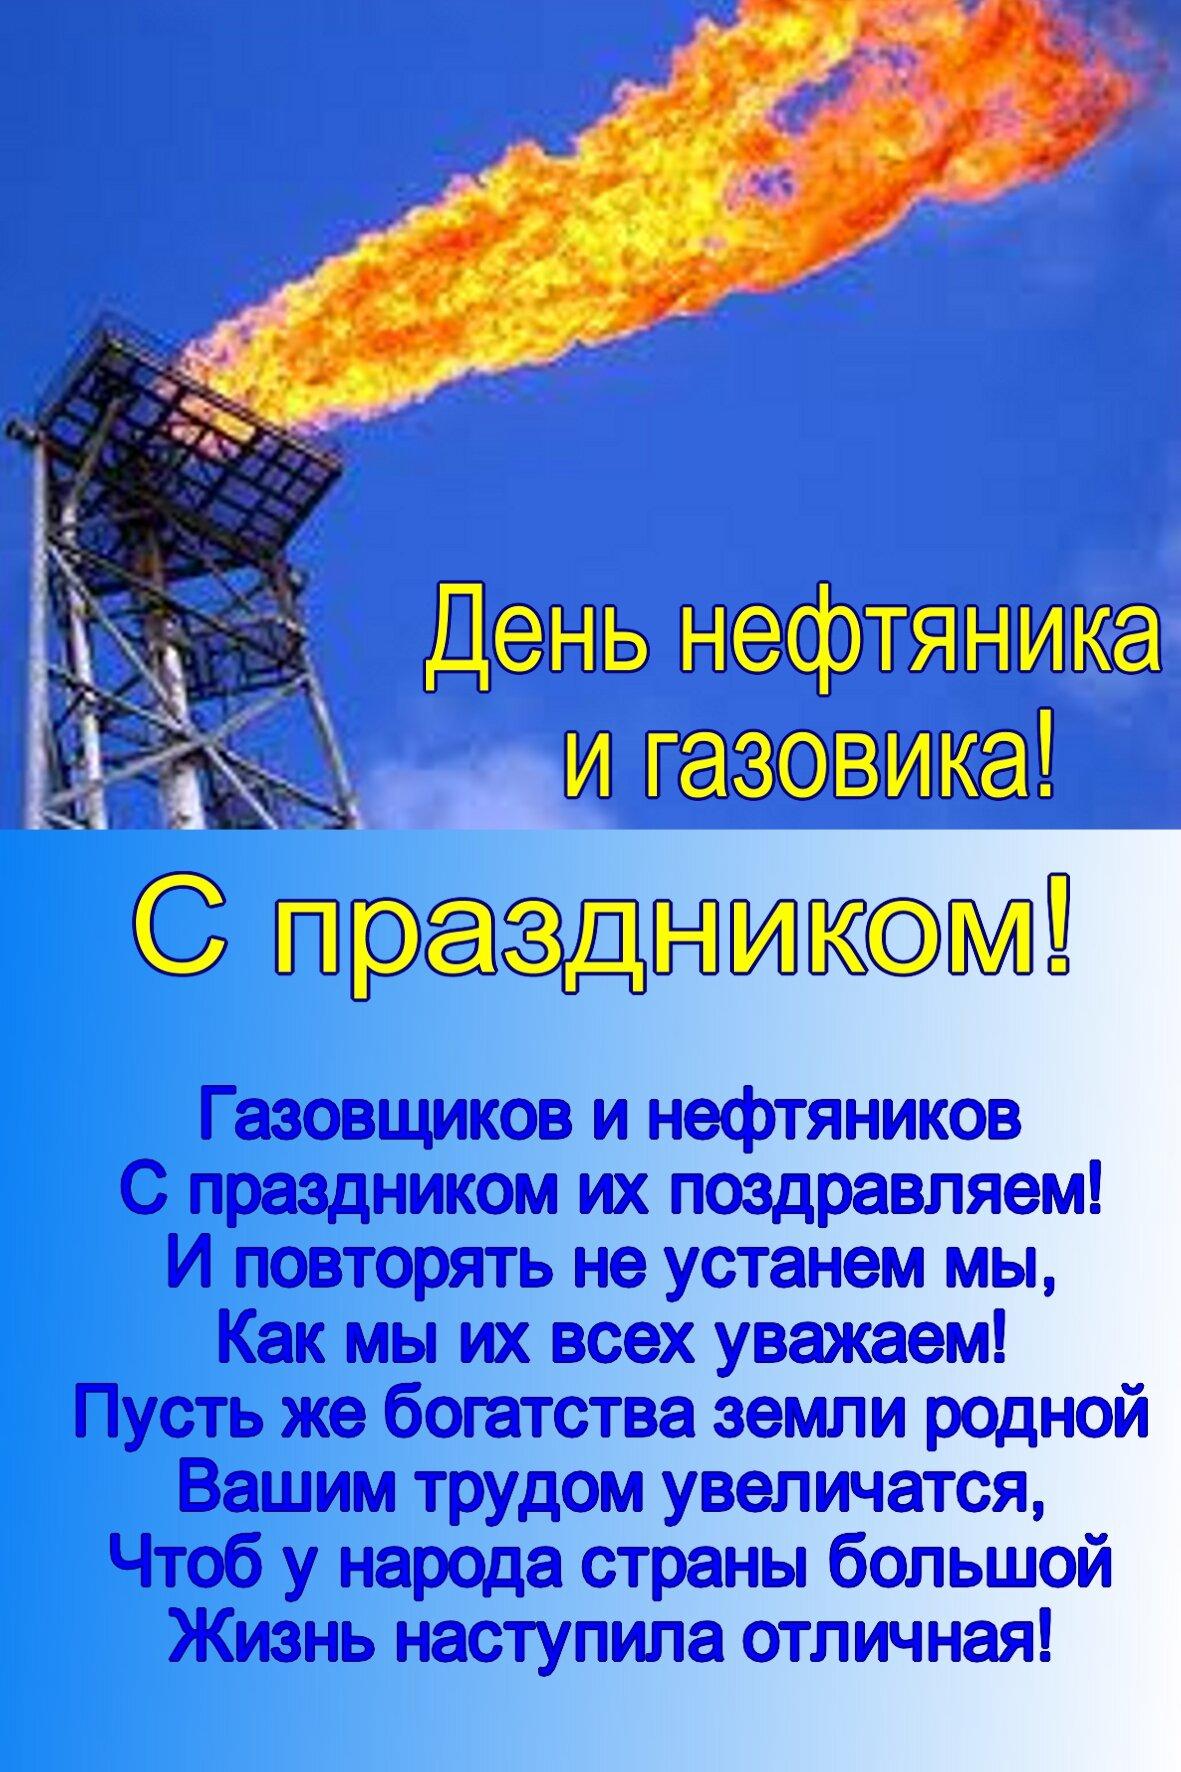 Поздравления с днем нефтяника и газовика